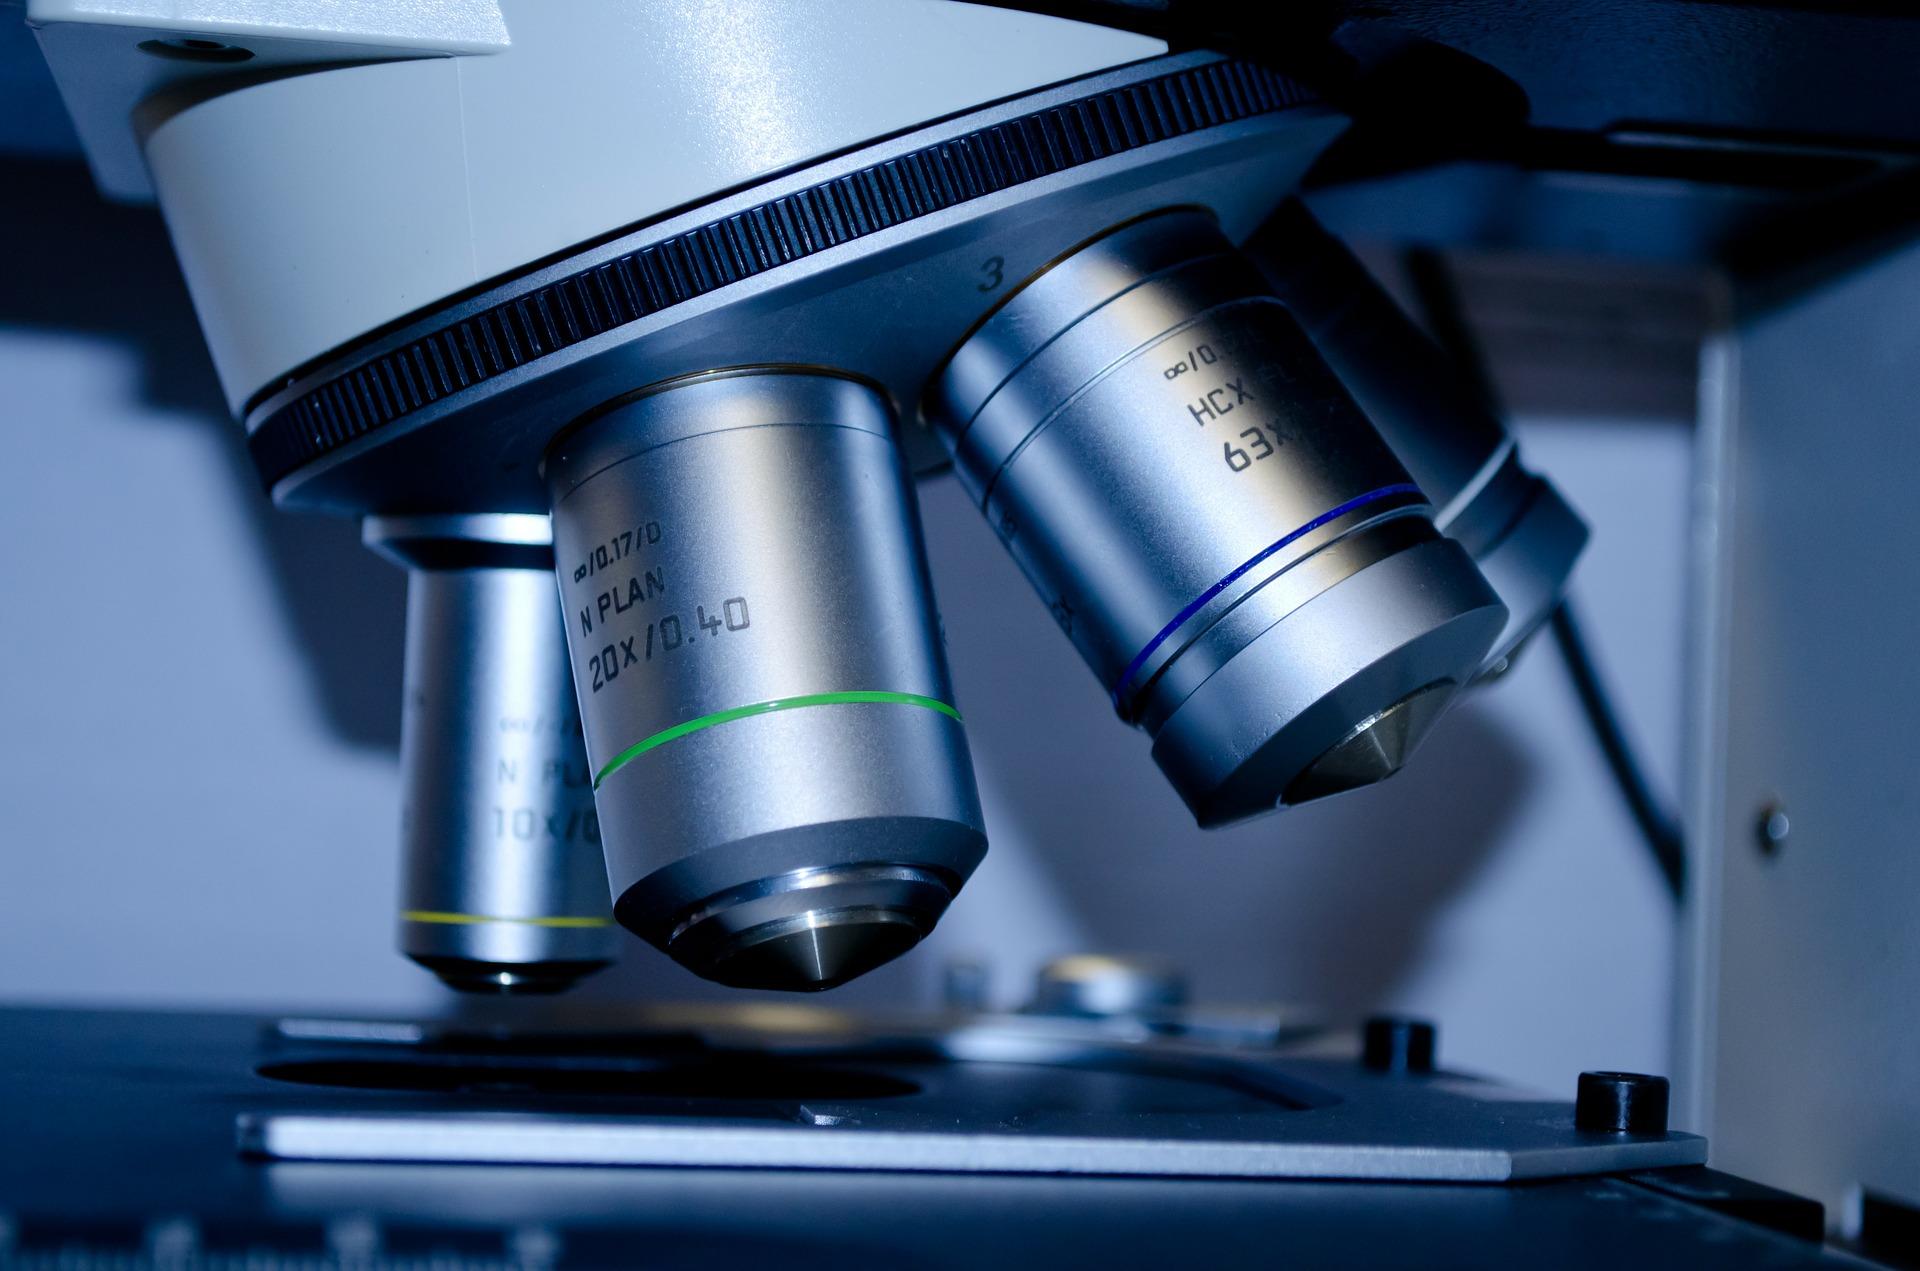 משרד הבריאות: קרן מיוחדת למימון טכנולוגיות רפואיות נבחרות לבתי החולים